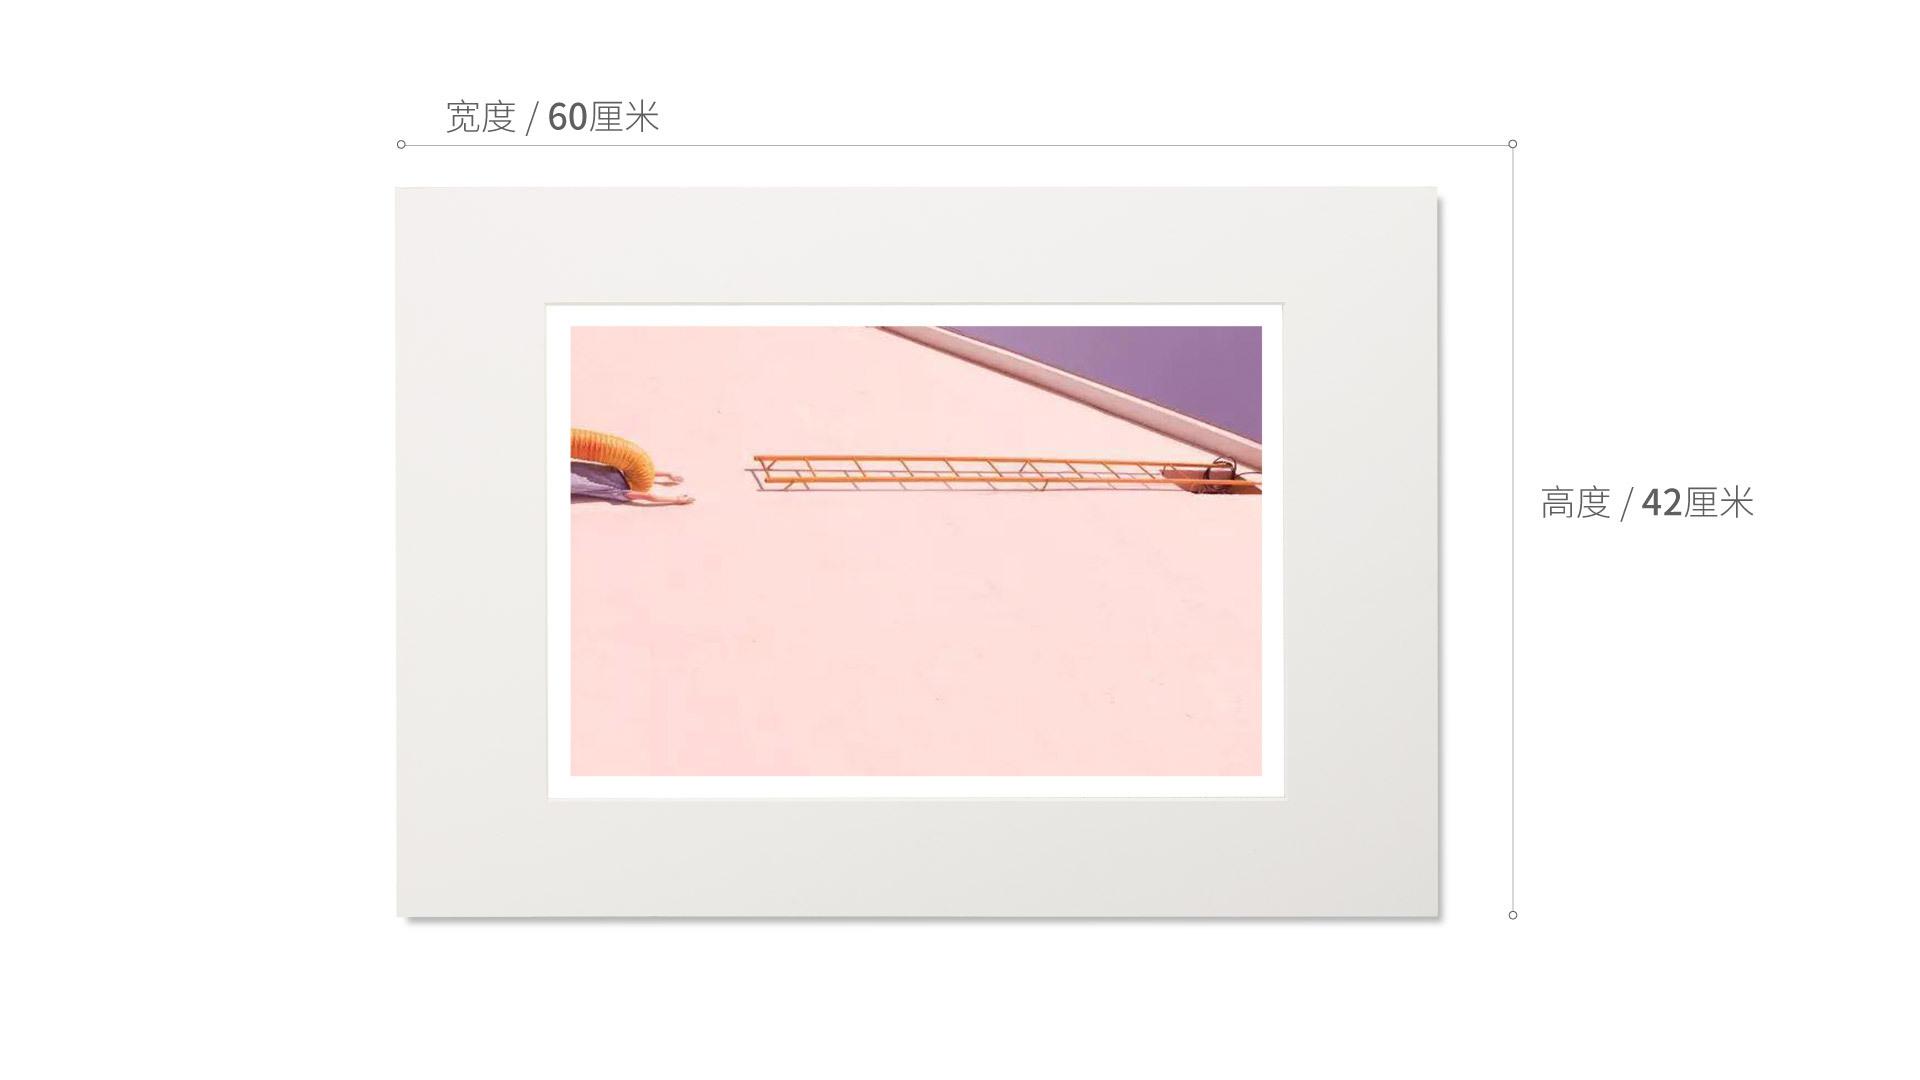 旅行家限量画芯 | Karen Khachaturov作品3号-撞车篇(装裱后)装饰效果图